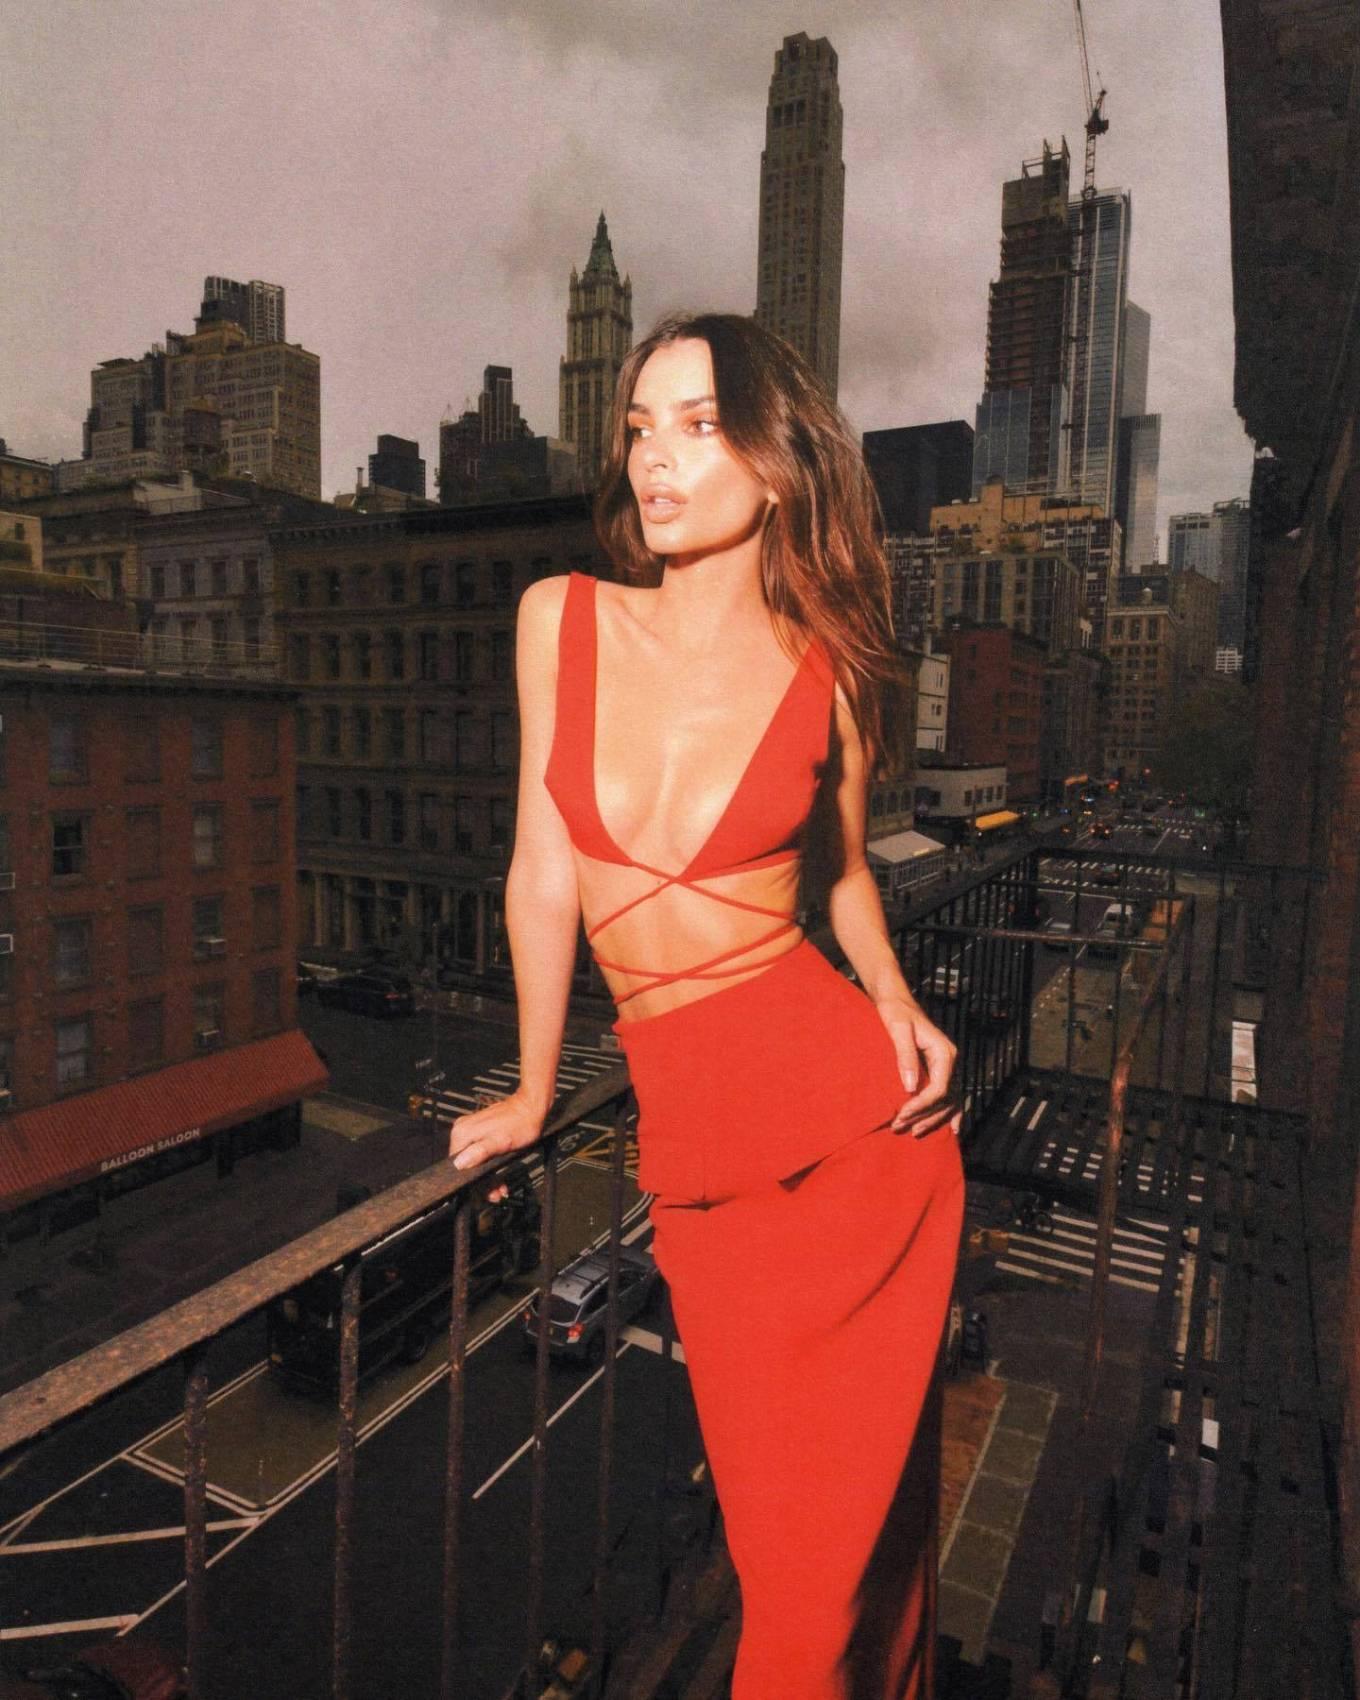 Emily Ratajkowski - Amber Asaly photoshoot during NY Fashion week 2021